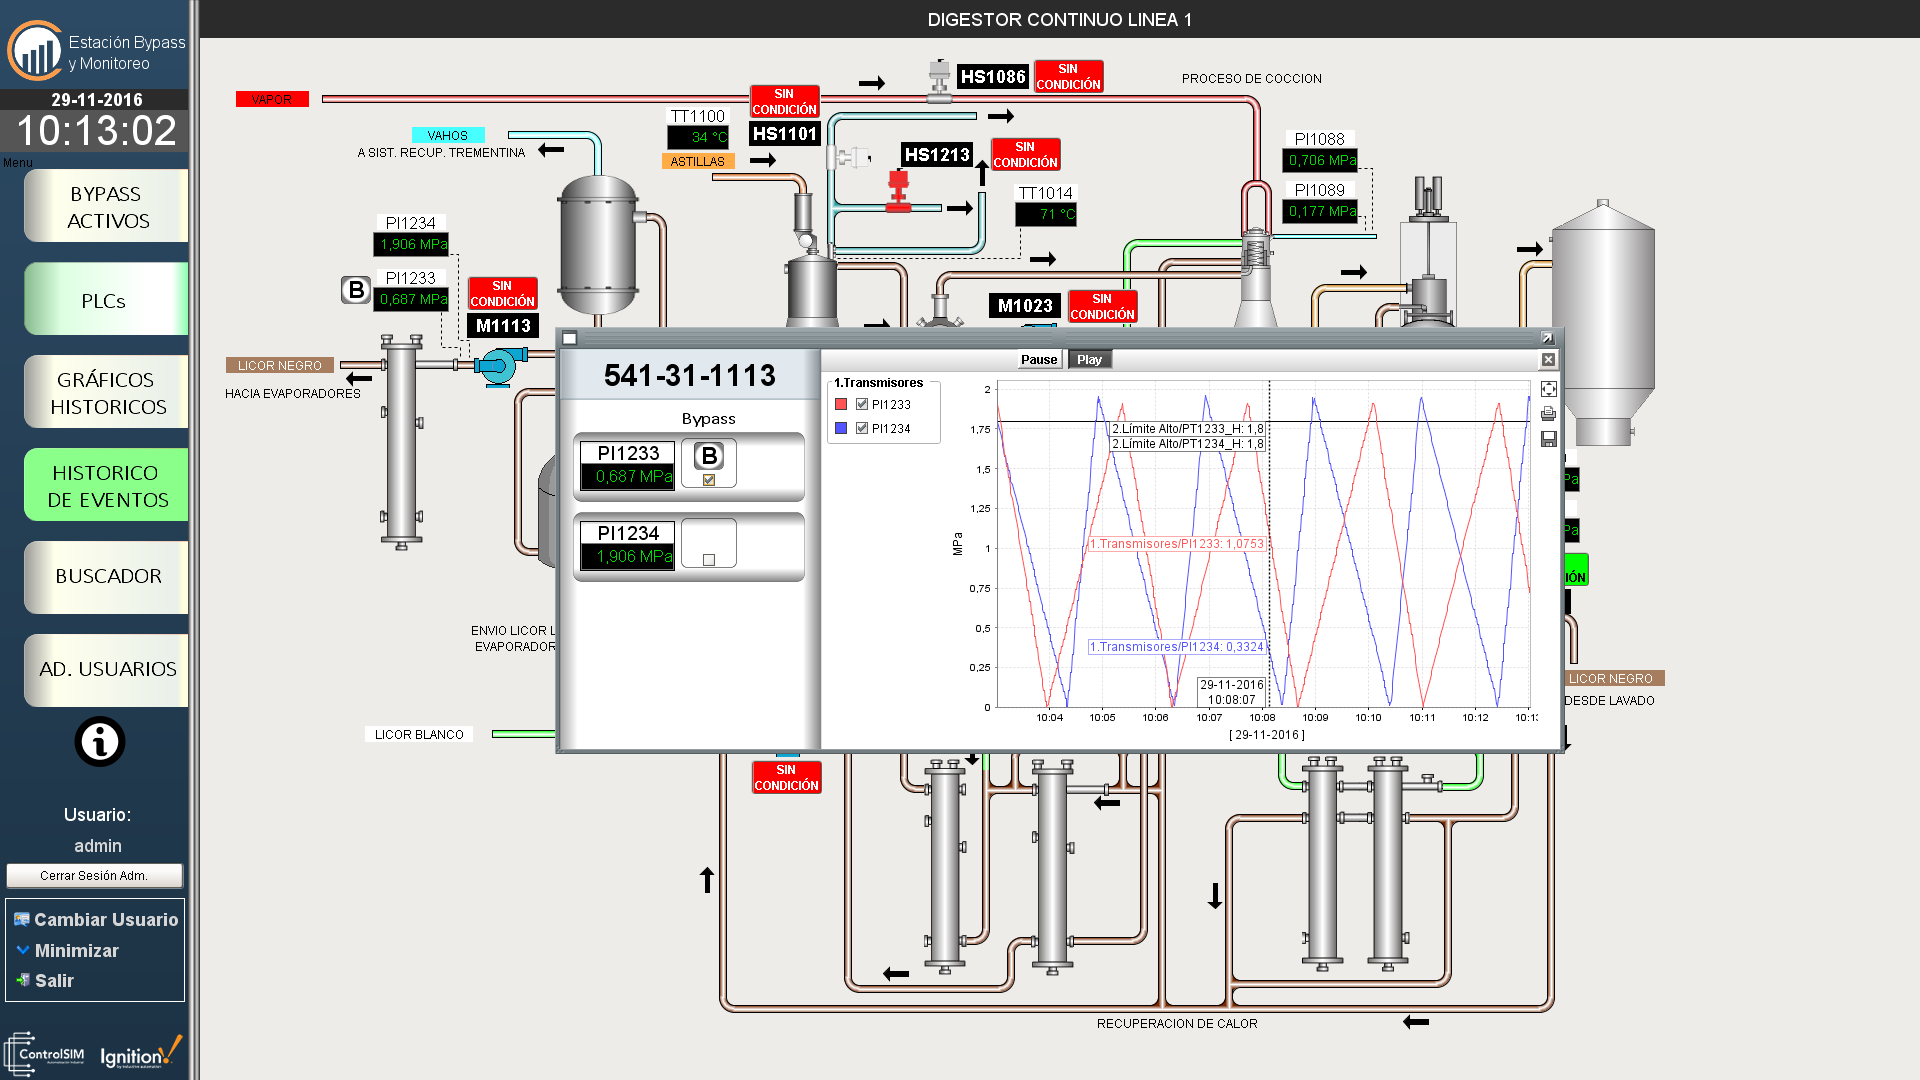 Estacion de monitoreo graficos en tiempo real